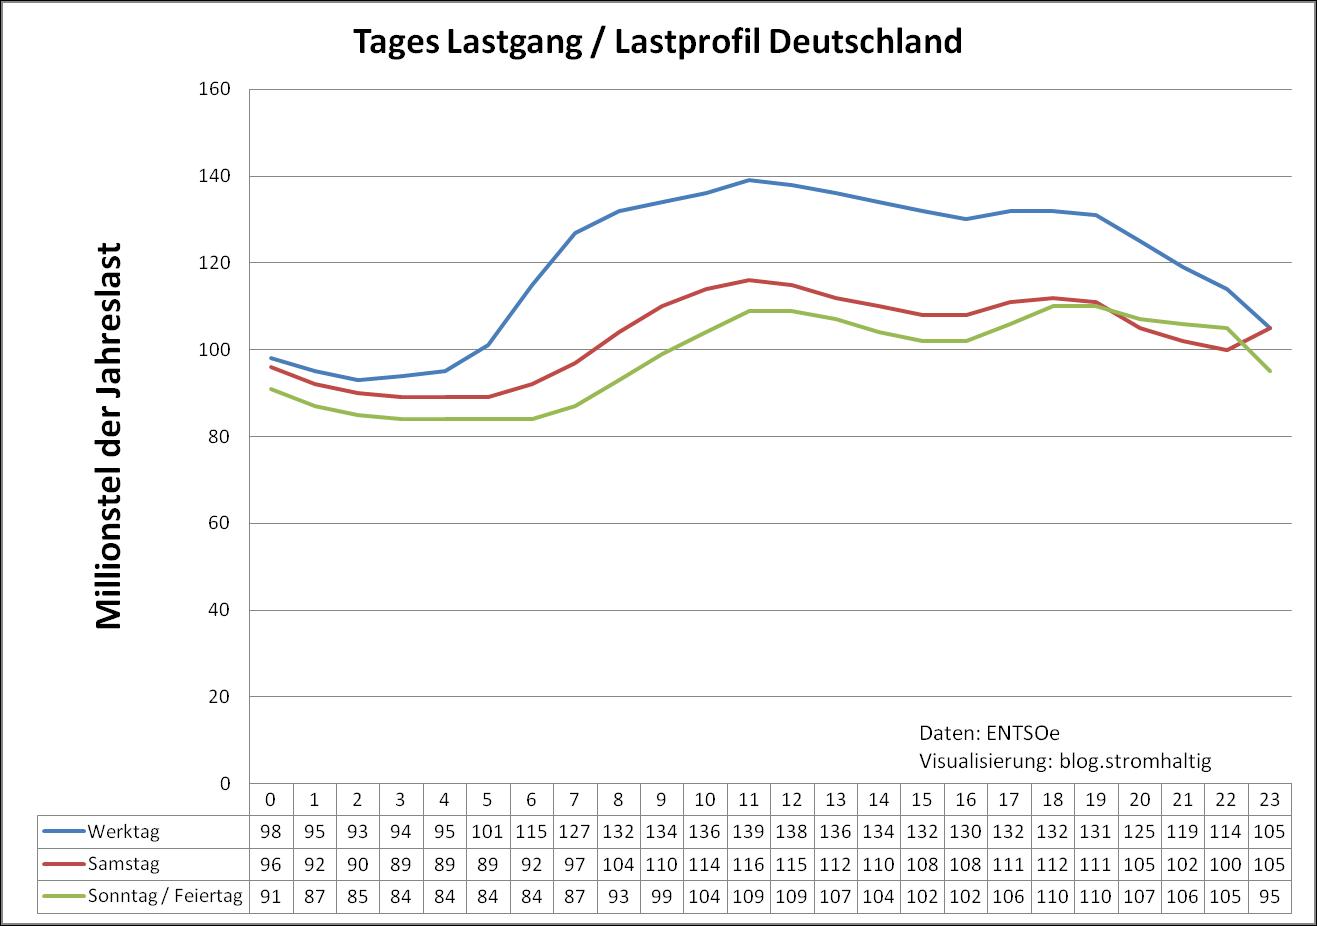 Lastprofil in Deutschland